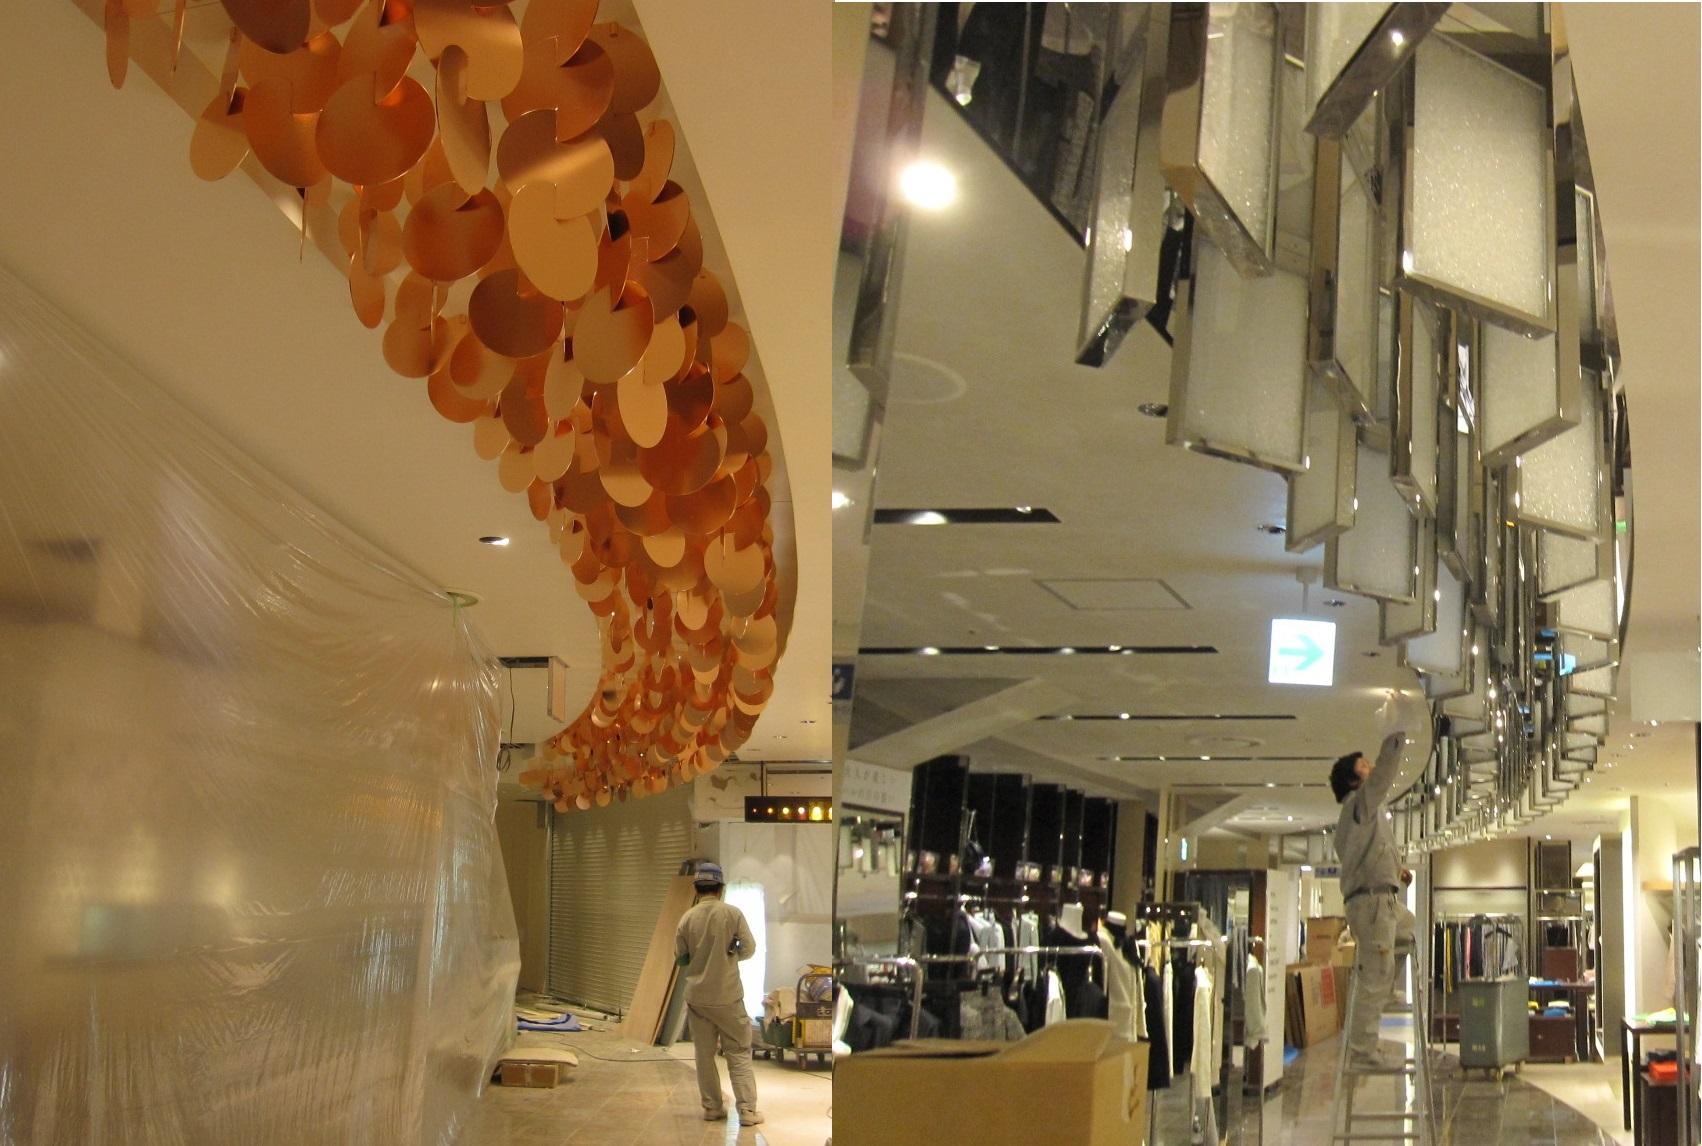 店舗内装改修の様子:天井装飾金物